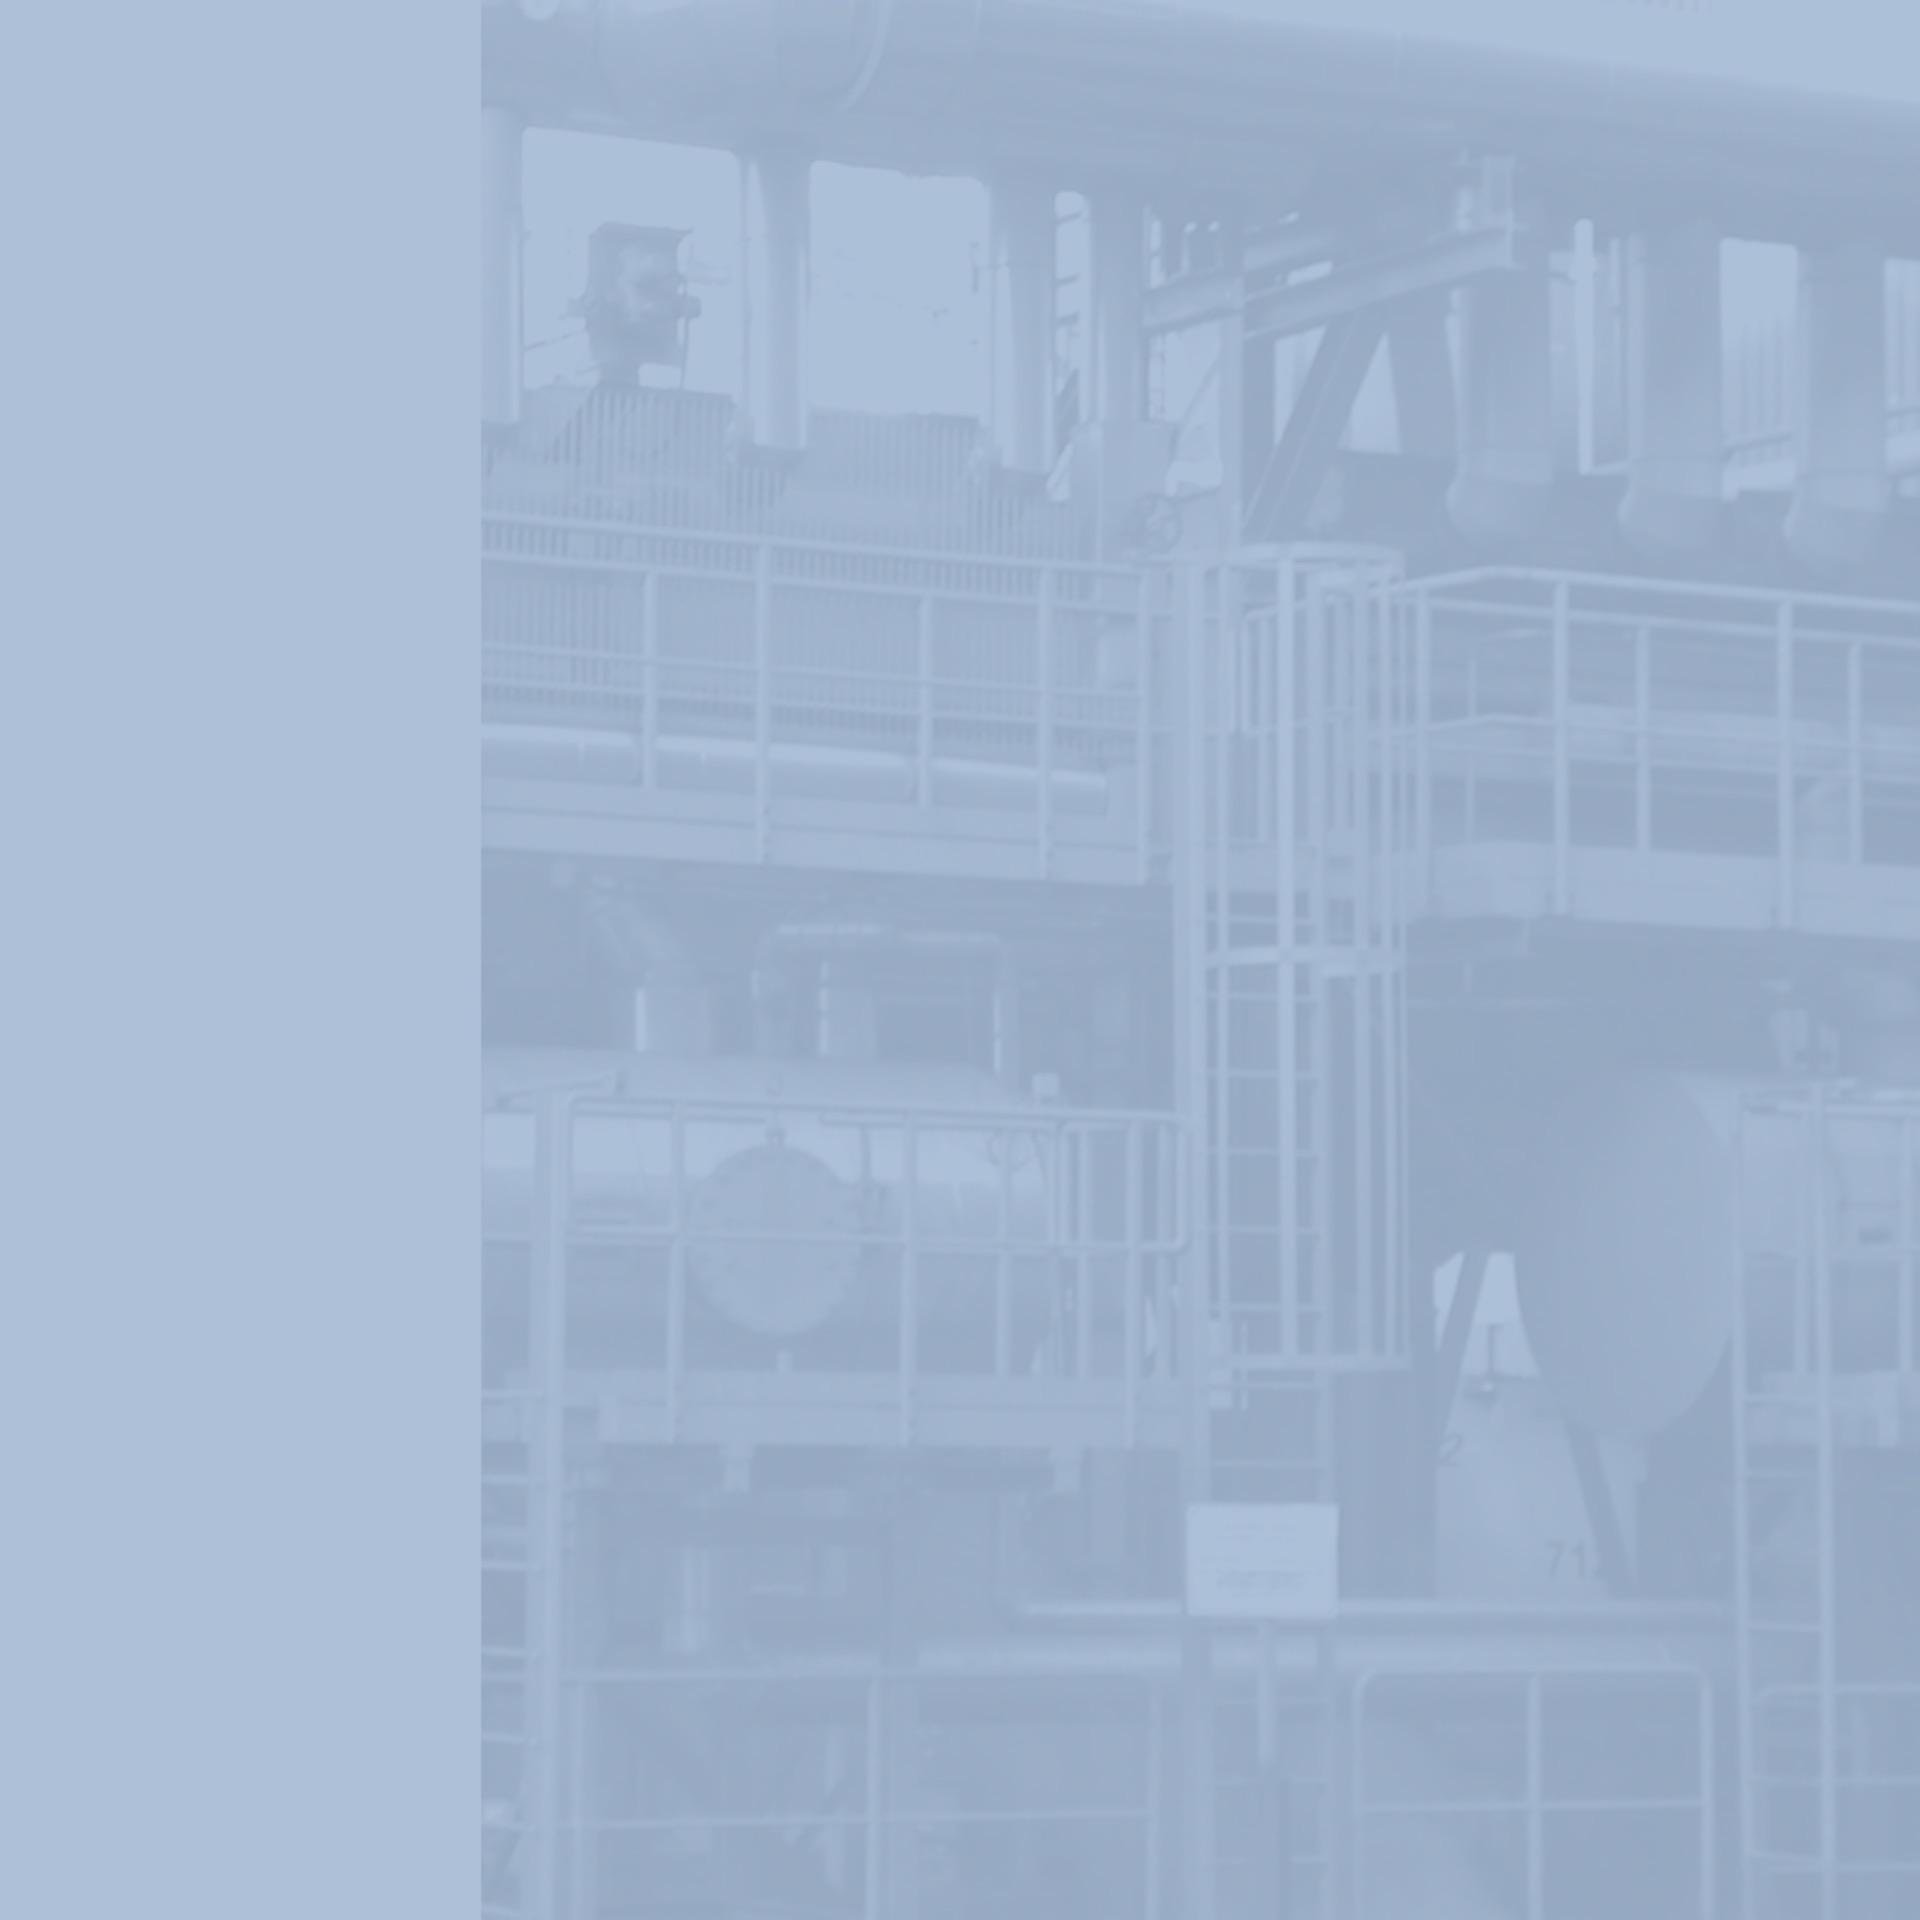 GWA_Kuehlanlagentechnik_Teilanlage_Hilfskondensatoren_mit_Kondensatsammelbehaelter_Gesellschaft_fuer_Waerme_und_Anlagentechnik_monochrom